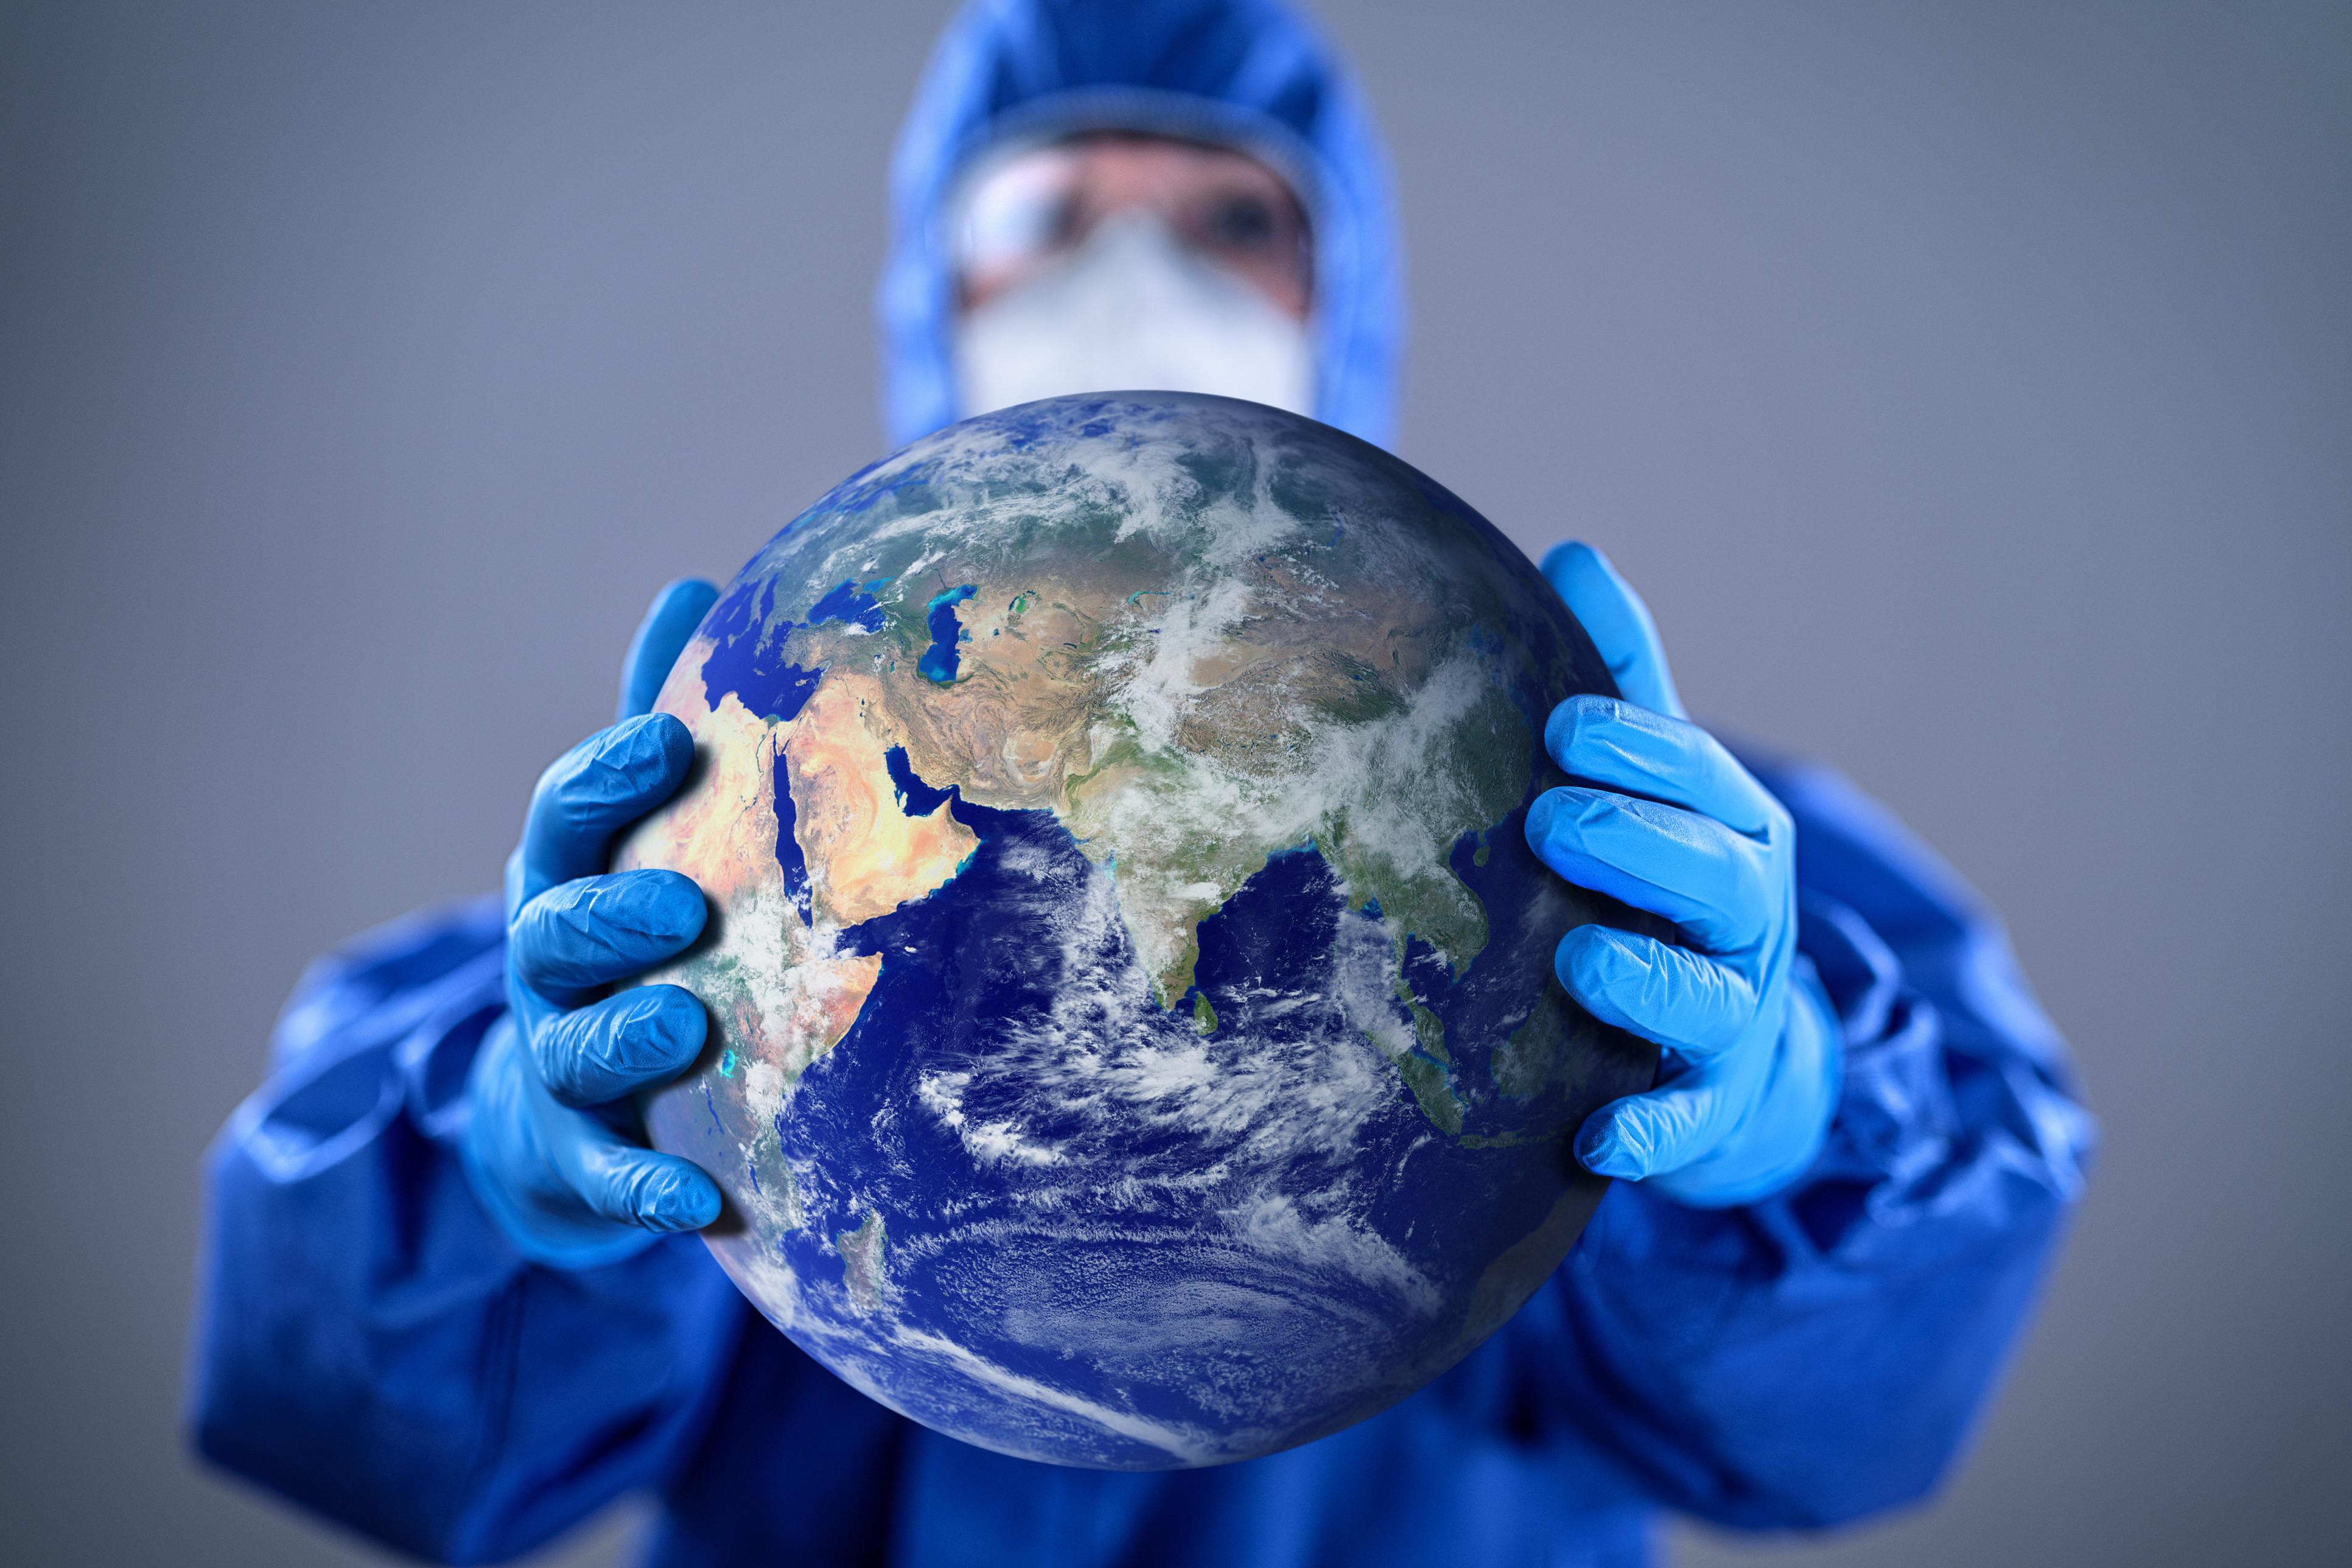 ۲ برابر شدن موارد کووید ۱۹ طی ۶ هفته گذشته در جهان